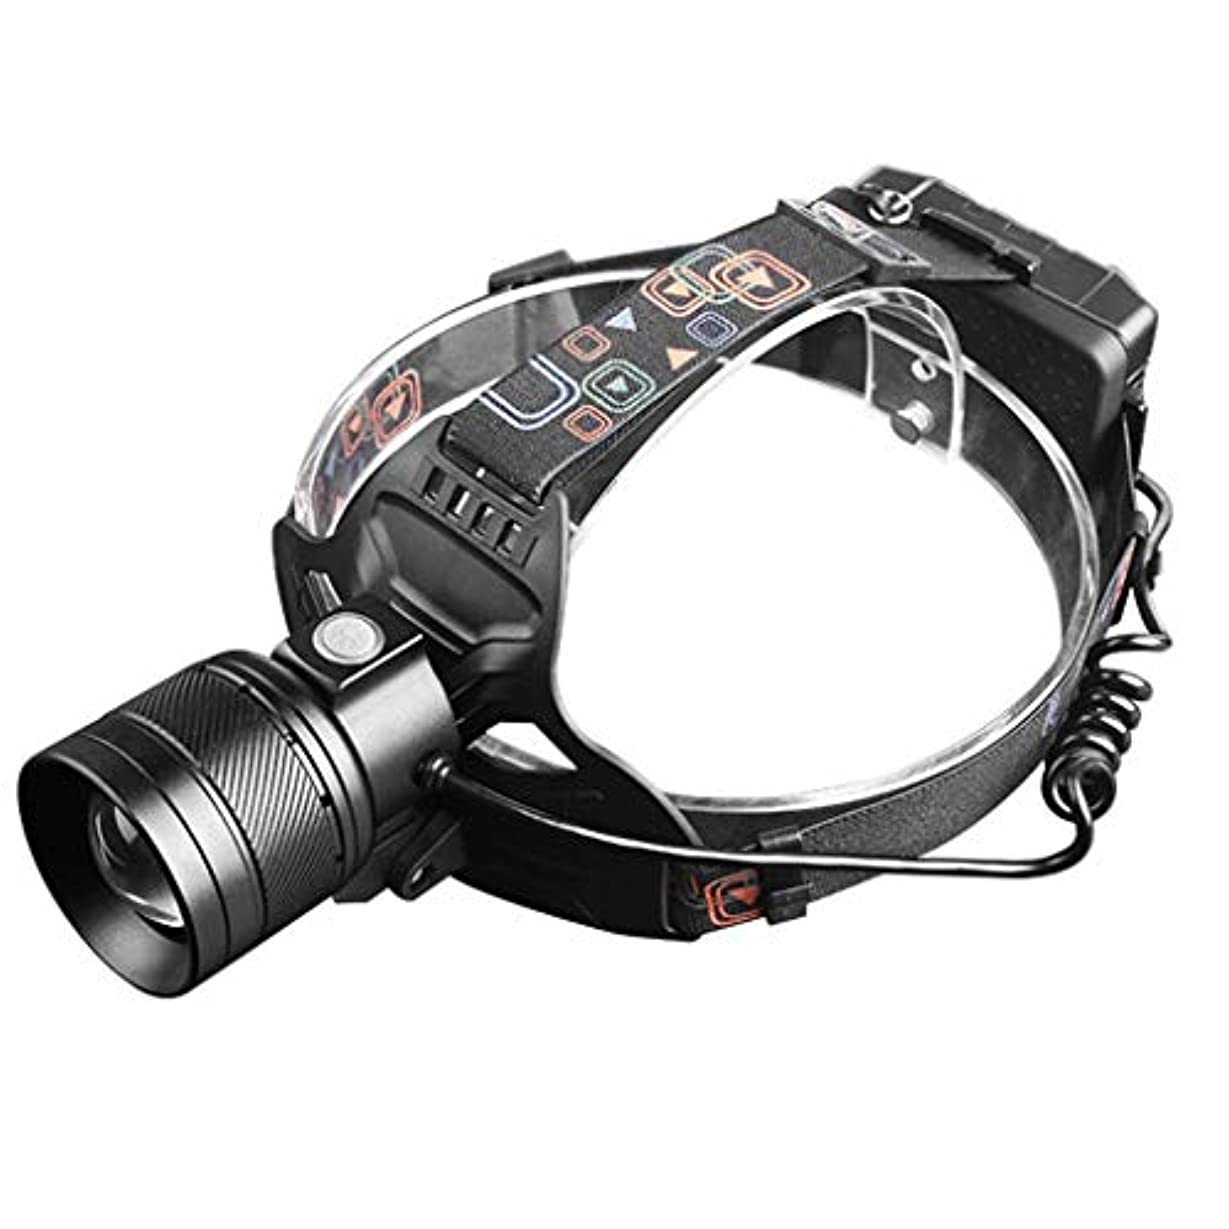 漂流引用漁師ヘッドライト 強いヘッドライト屋外の夜釣り充電ズーム超高輝度ヘッドマウント懐中電灯 LEDヘッドライト